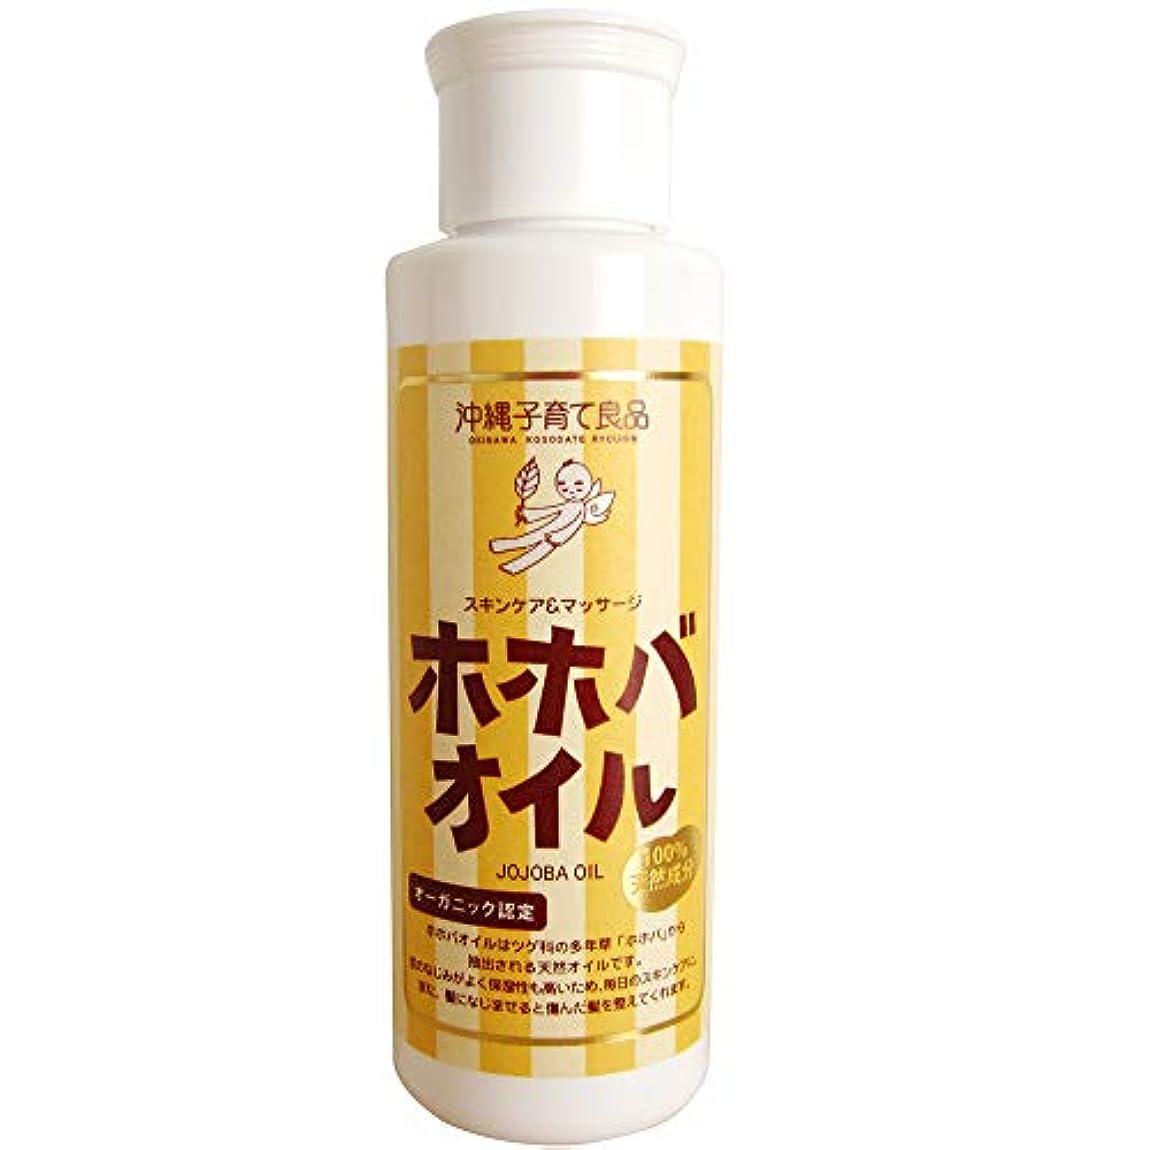 手順送信する不満ホホバオイル/jojoba oil (100ml)